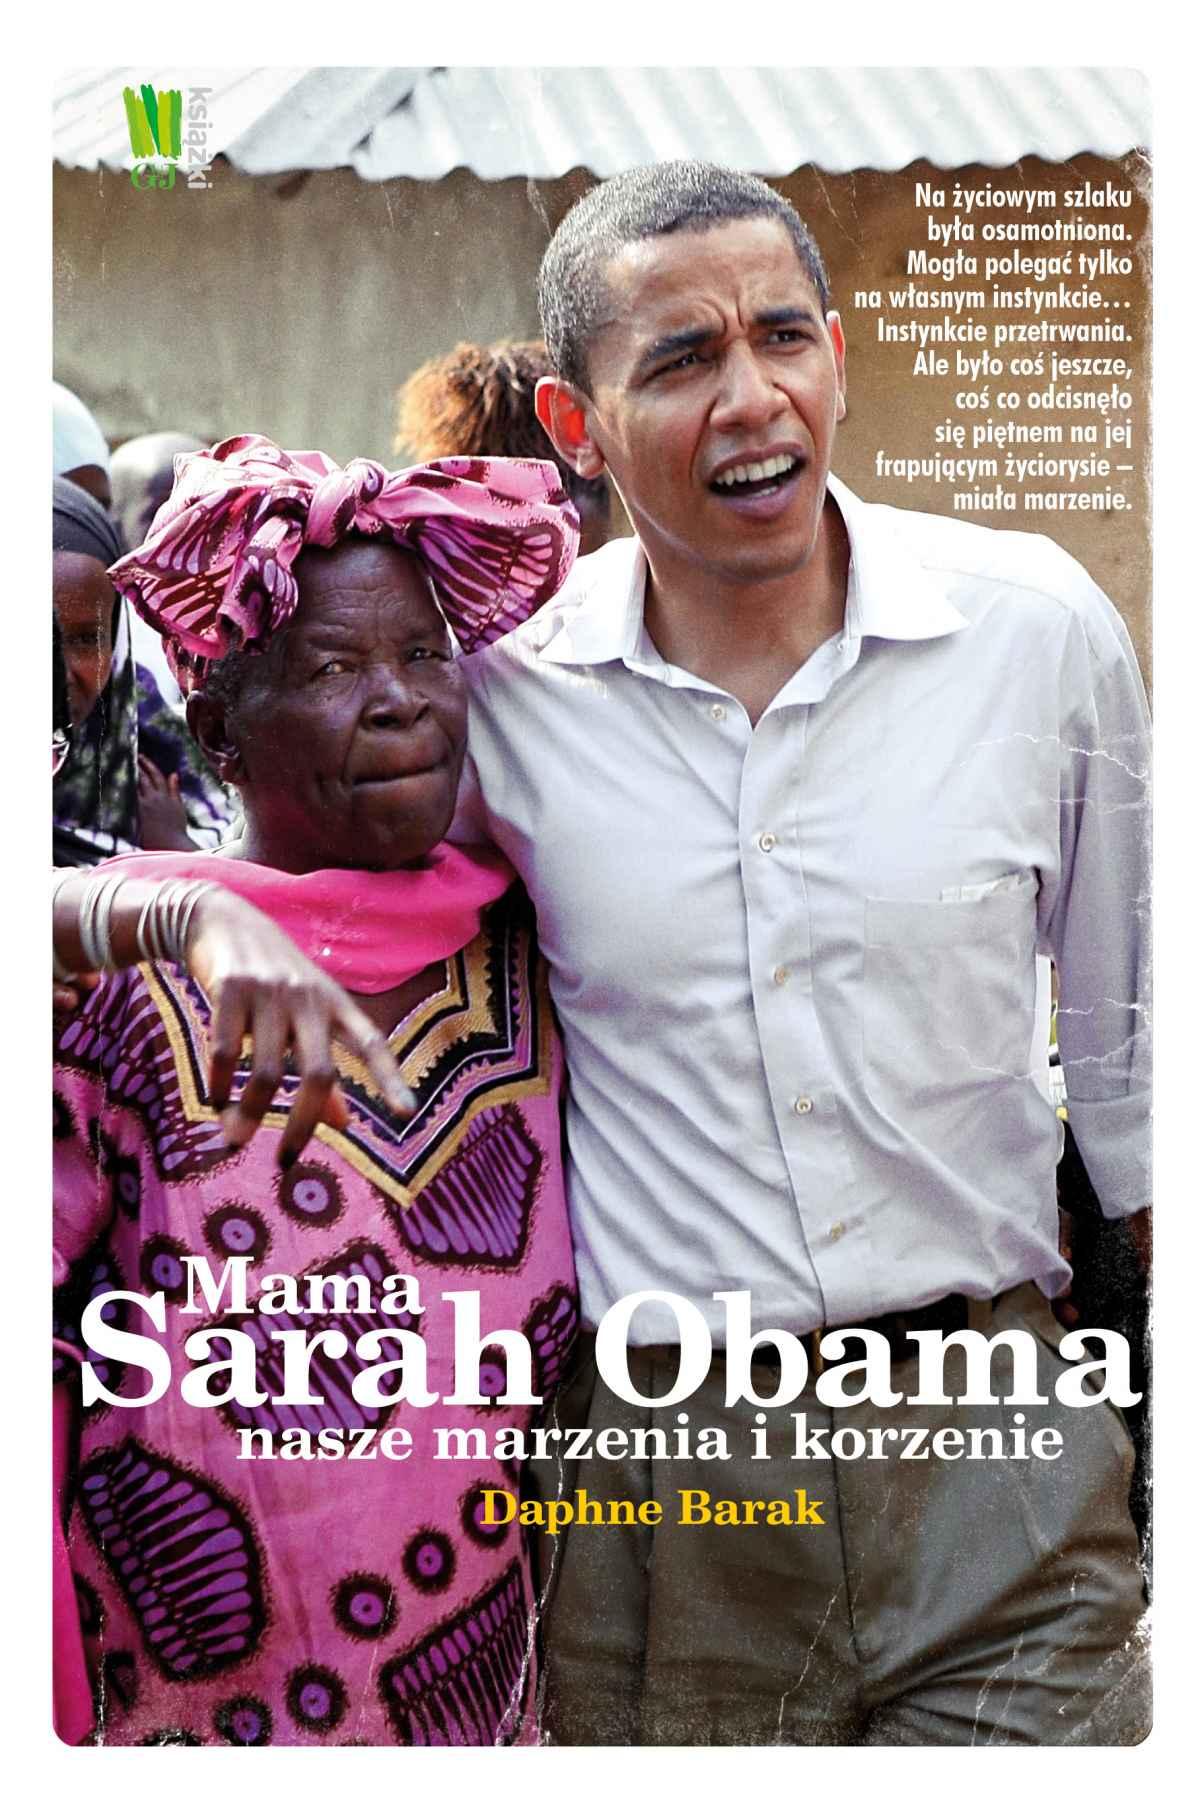 Mama Sarah Obama. Nasze marzenia i korzenie - Ebook (Książka EPUB) do pobrania w formacie EPUB